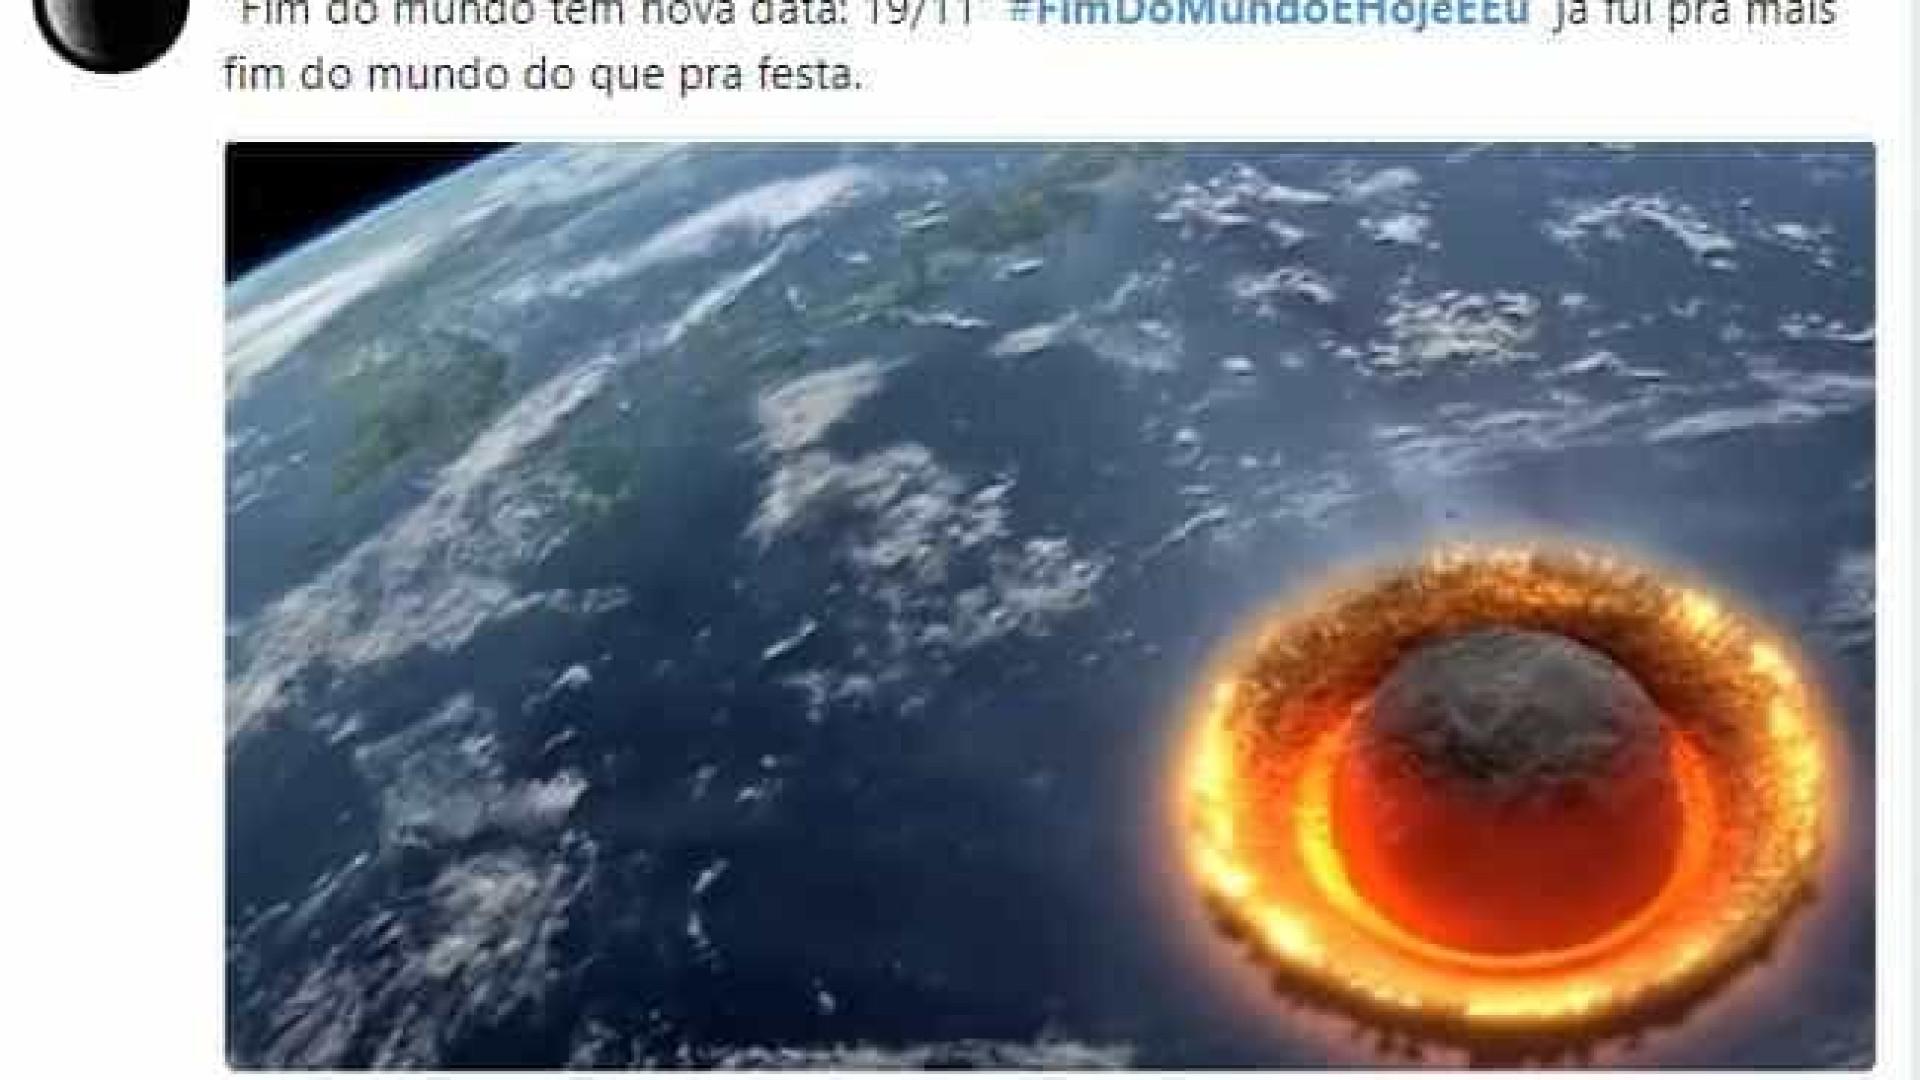 'Fim do mundo' marcado para este domingo gera memes na web; confira